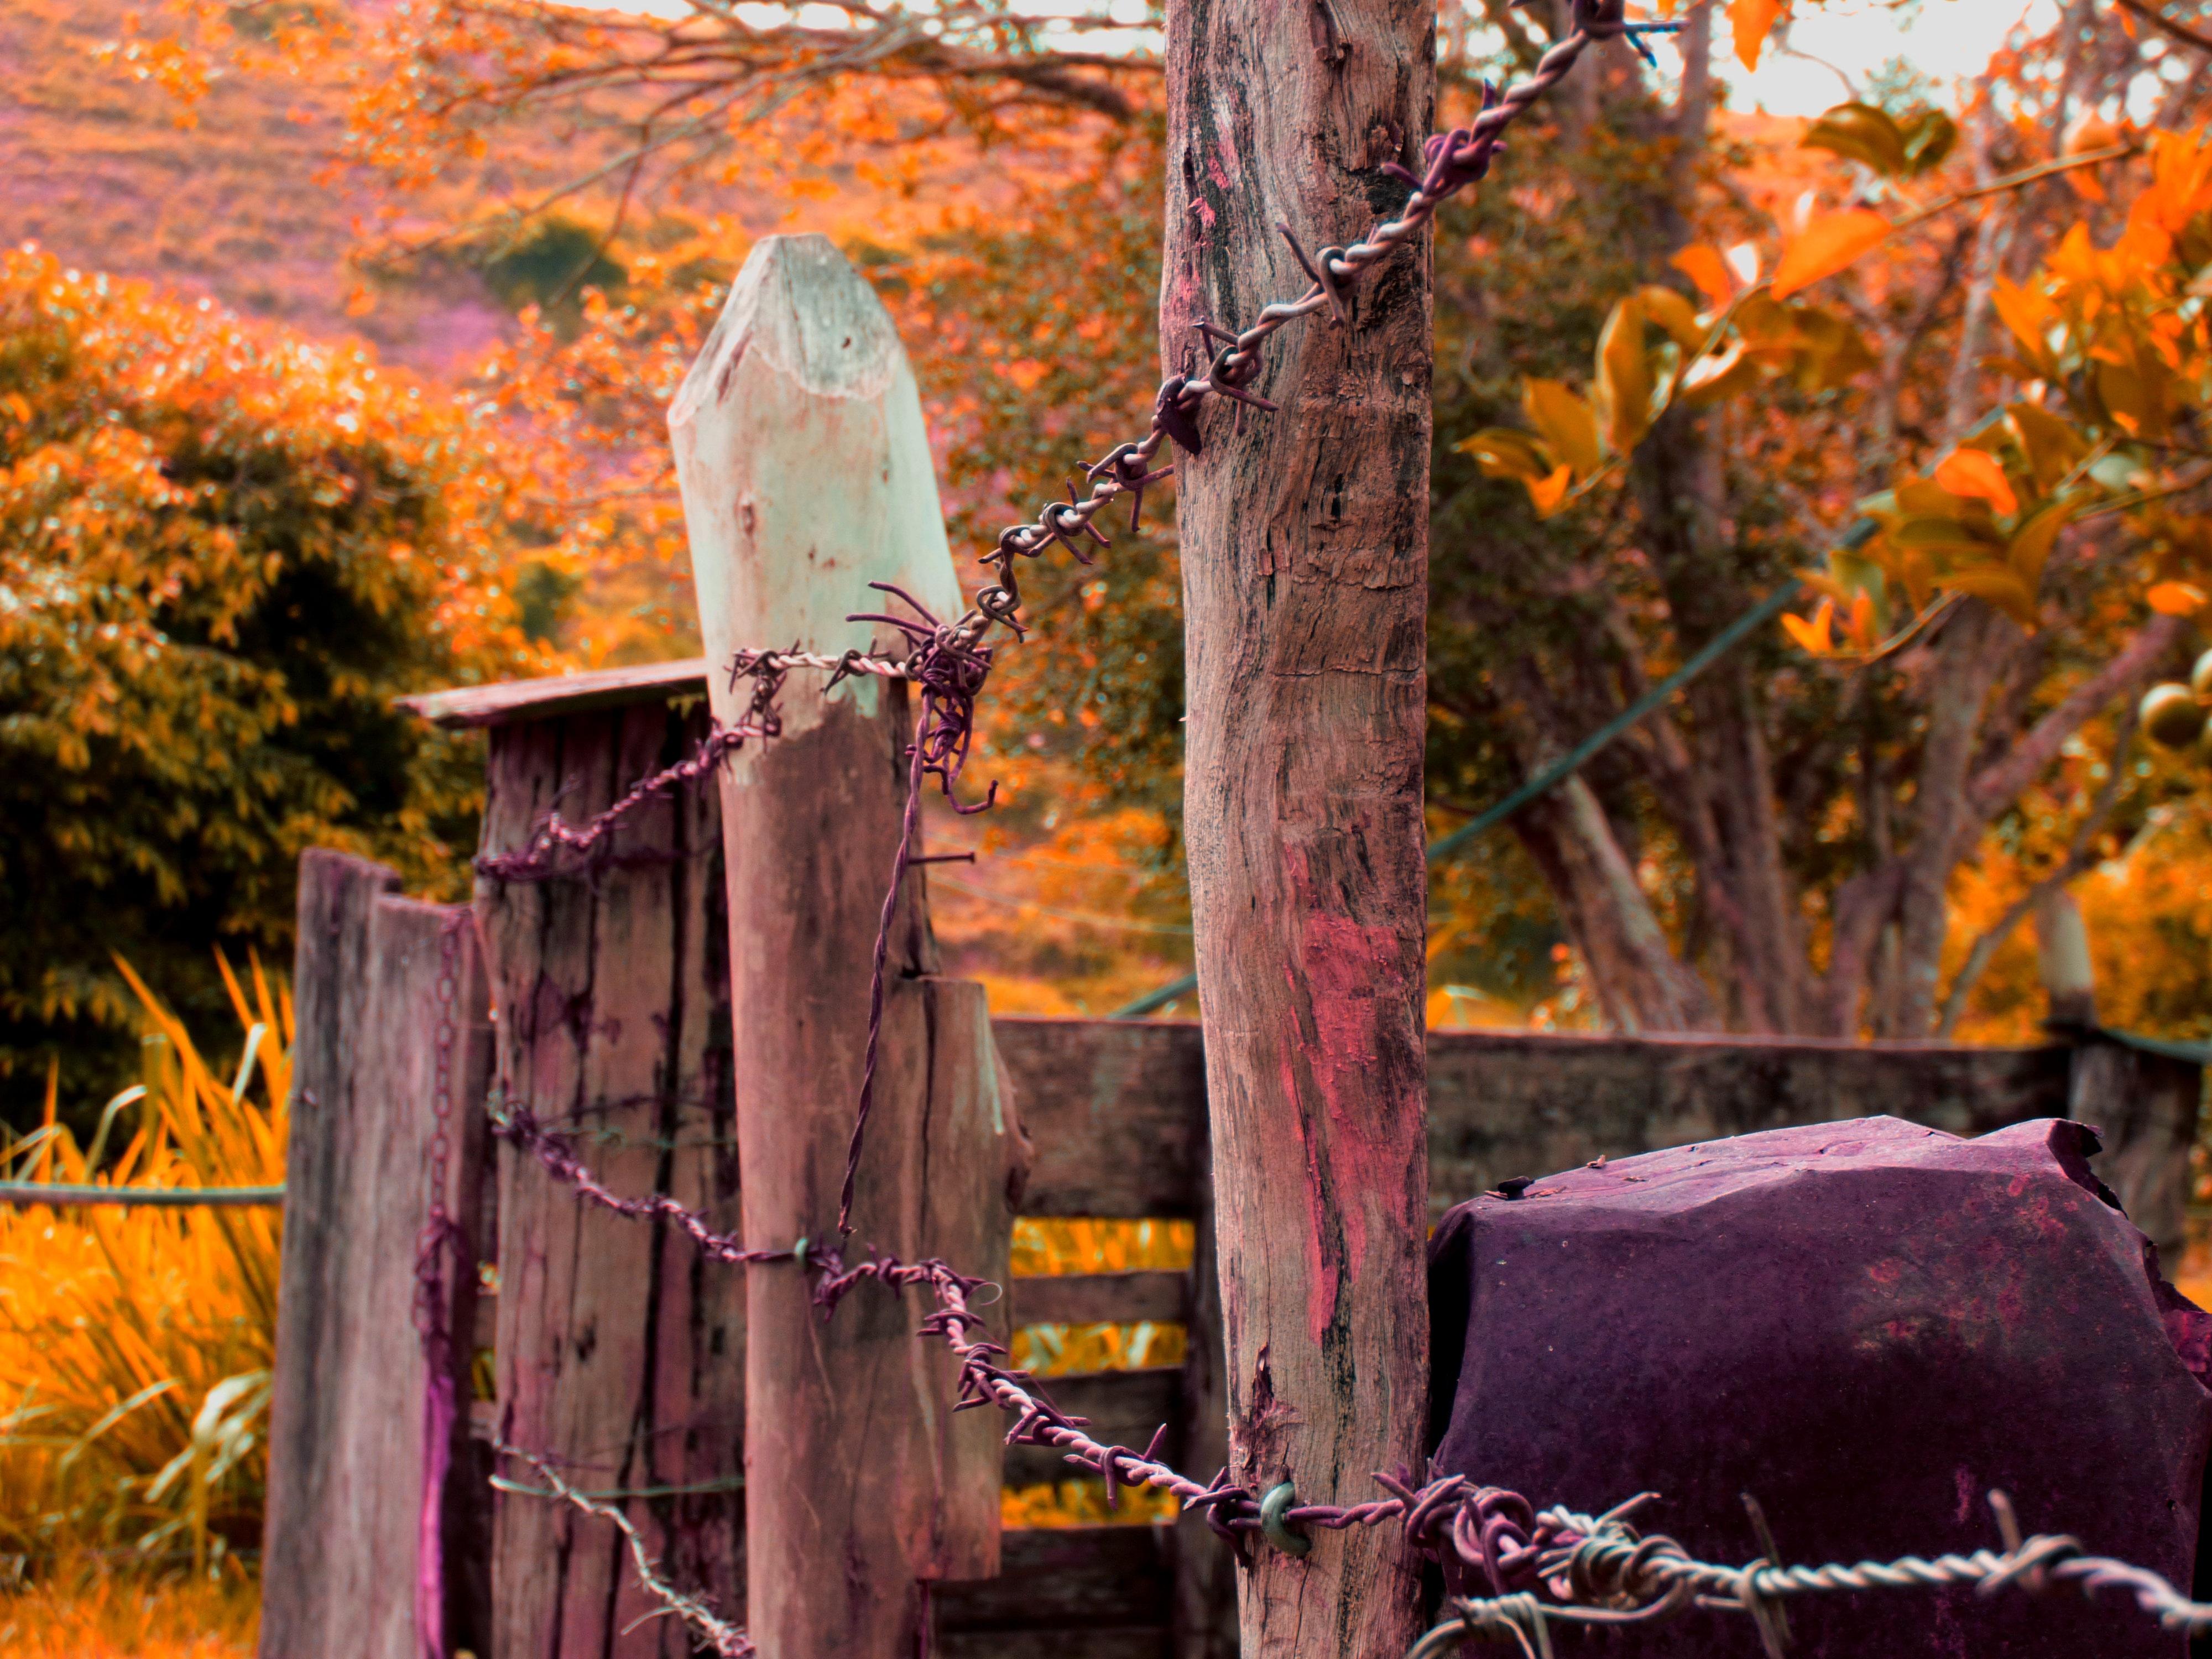 Kostenlose foto : Baum, Holz, Bauernhof, Blatt, Blume, alt, Draht ...